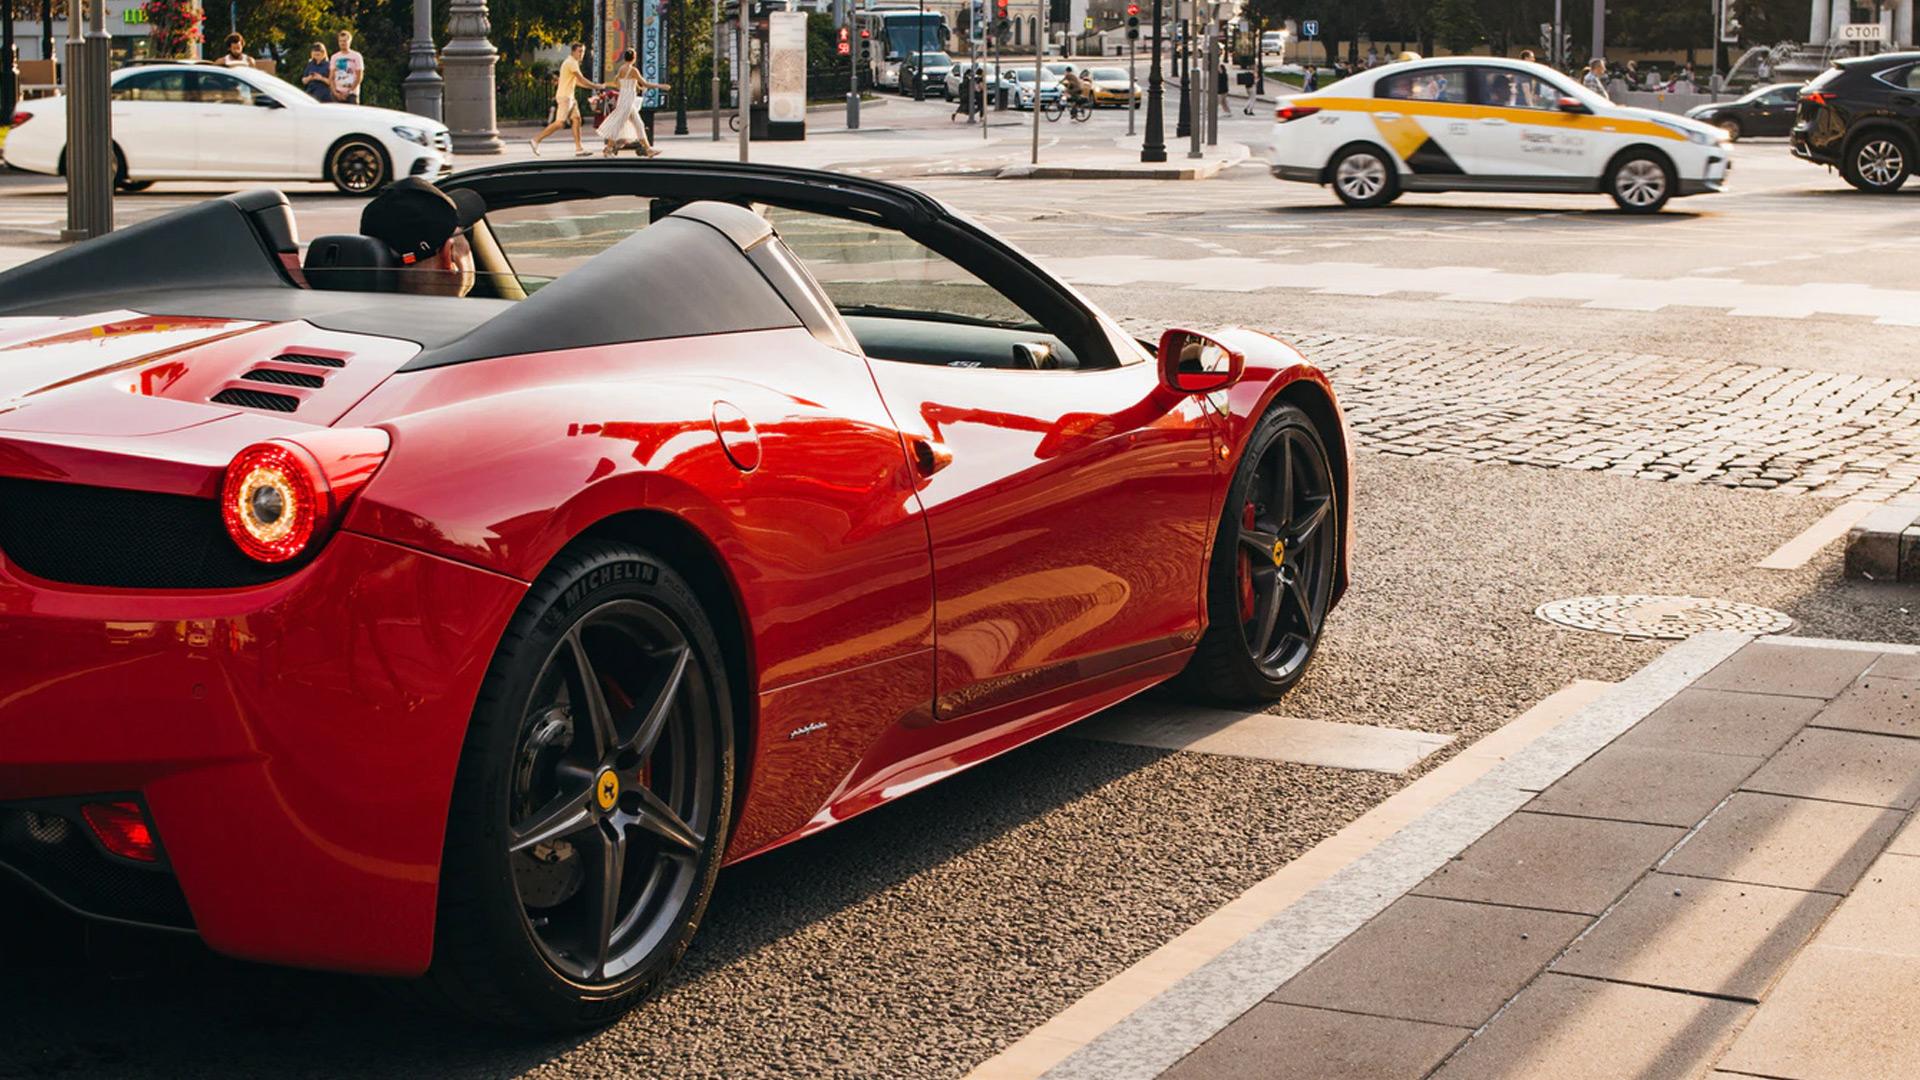 De kosten van een auto: meer dan je denkt